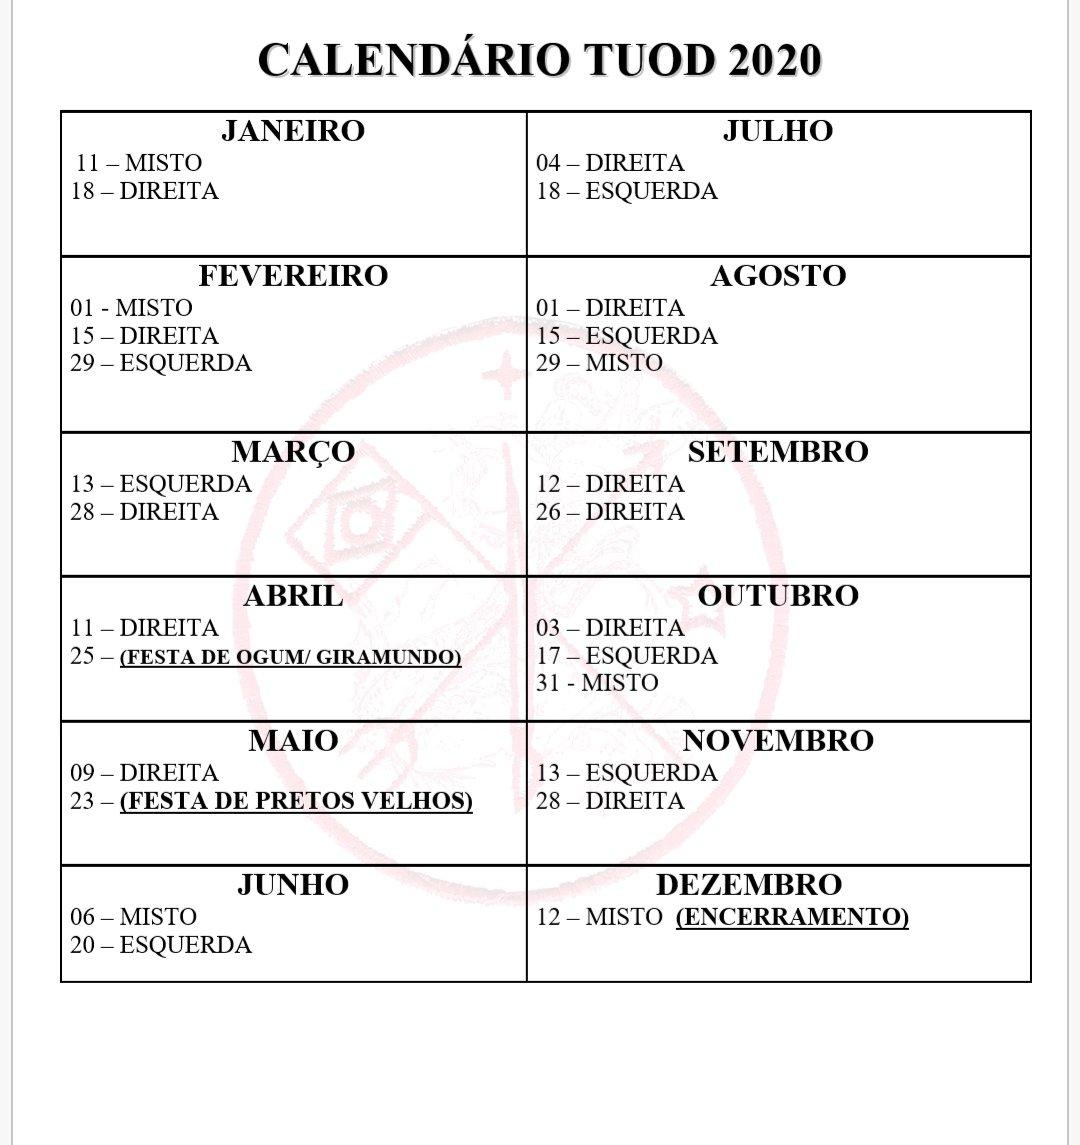 Calendário Tuod 2020